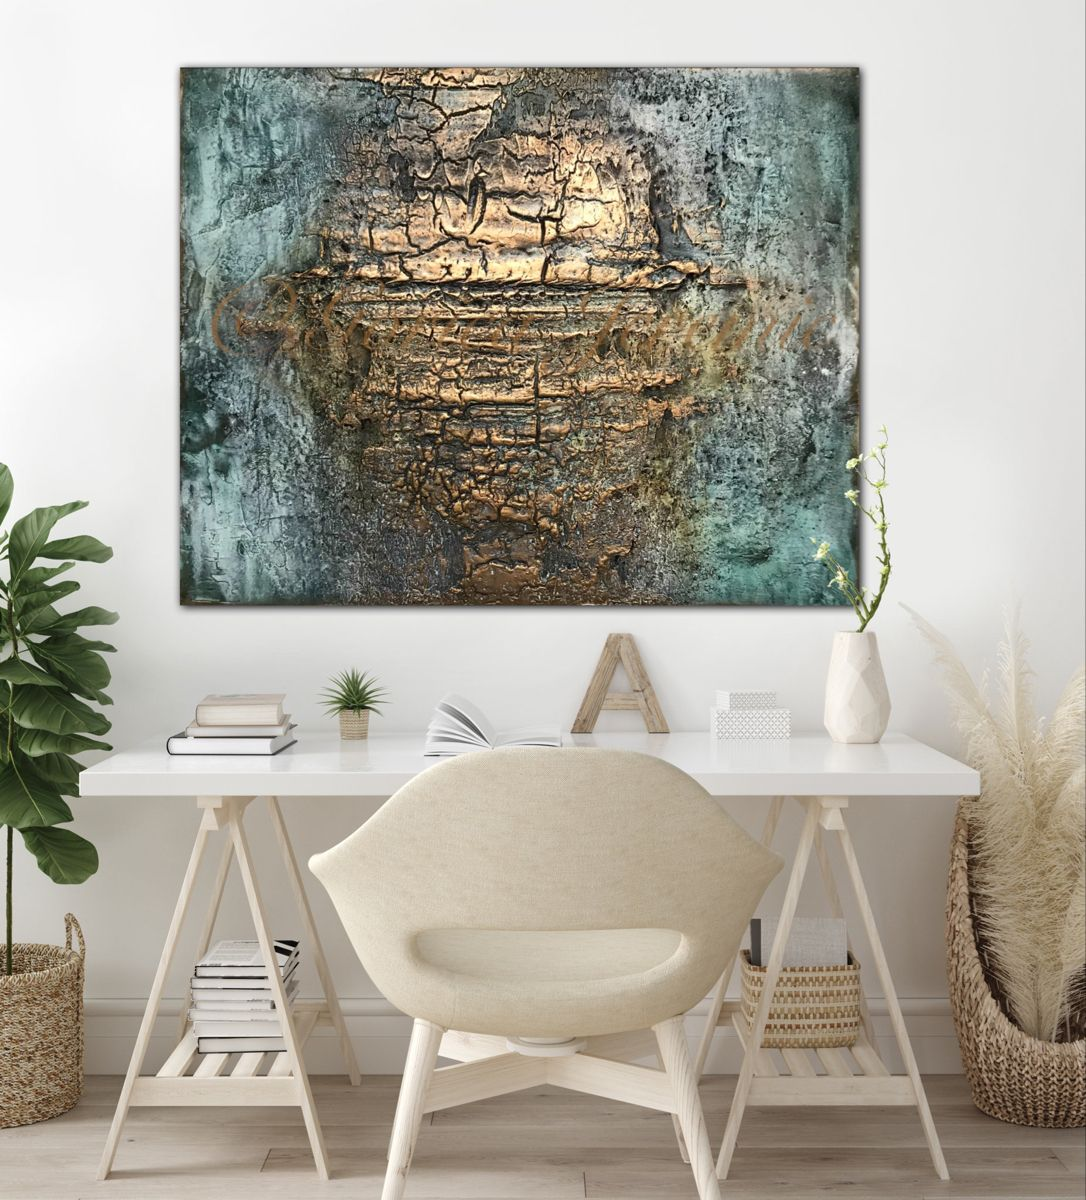 Mixed media on canvas, 80x100 cm #abstractartists #walldecoration #wallartdecor #viennaaustria #mixedmediaart #interiordecor #canvas #zeitgenössischekunst #kunst #pigment #struktur #womenart #painting